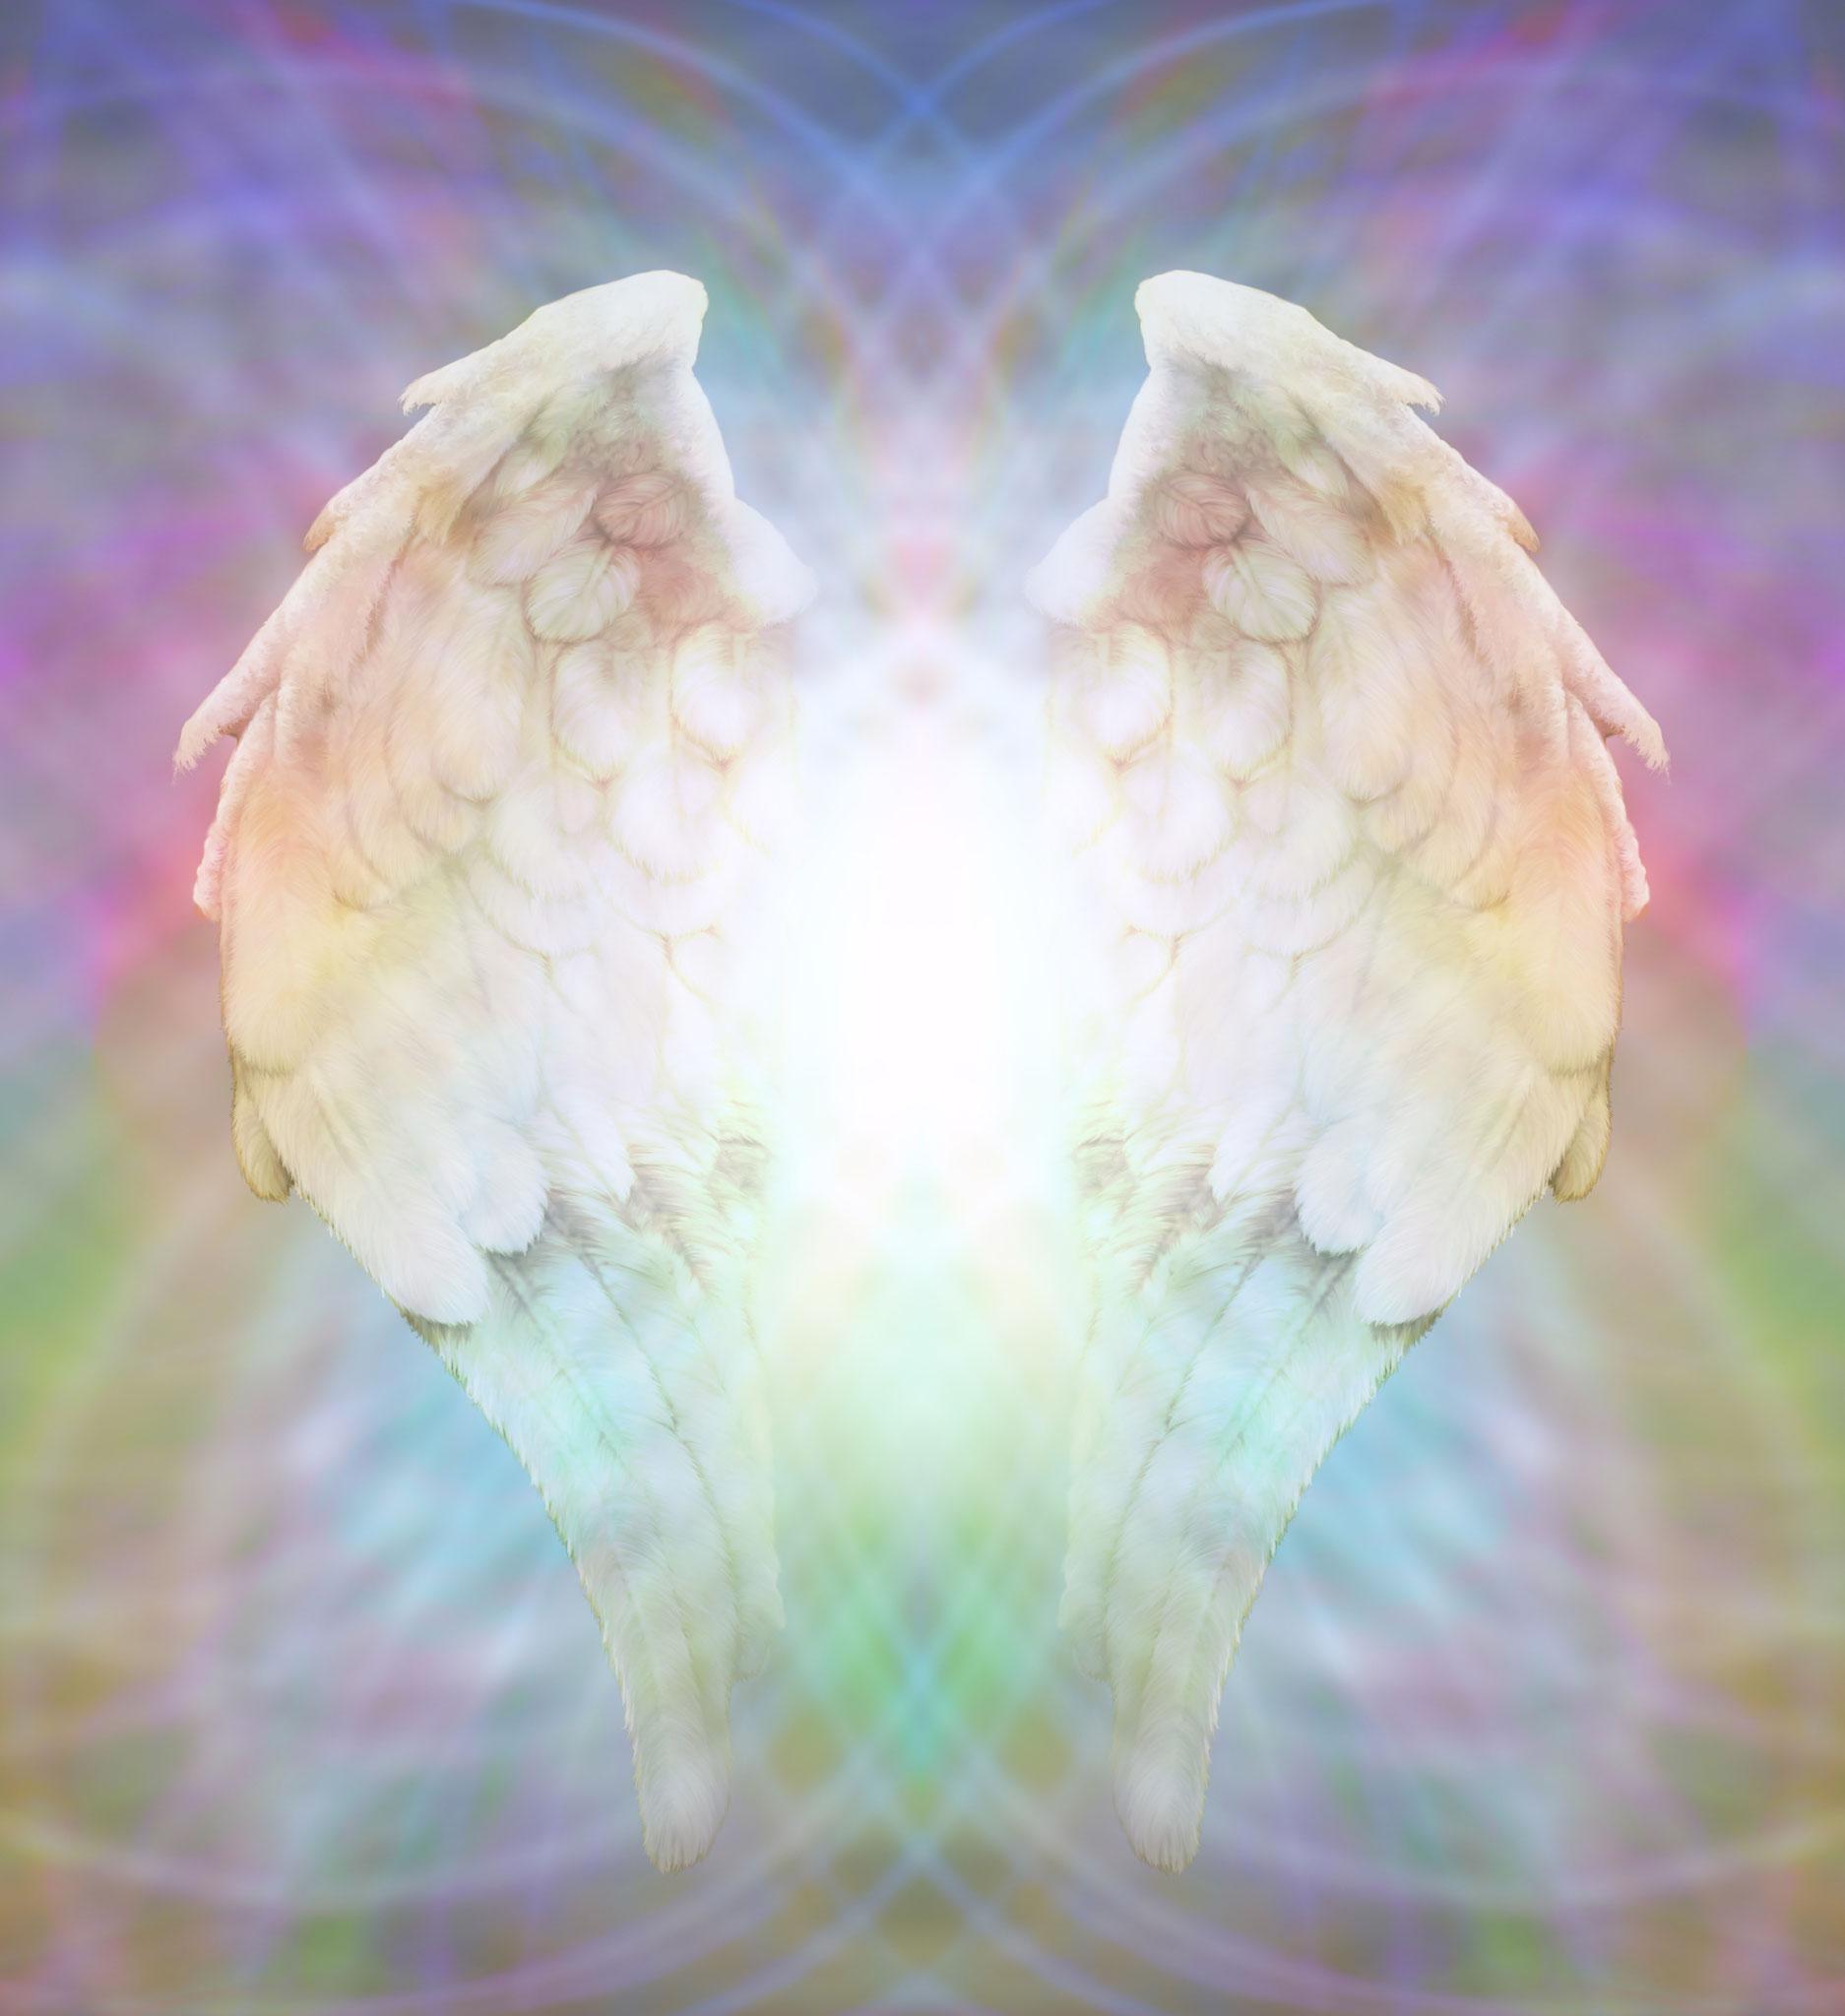 liebevolle Engelhilfe bei allen täglichen Problemen/Anliegen